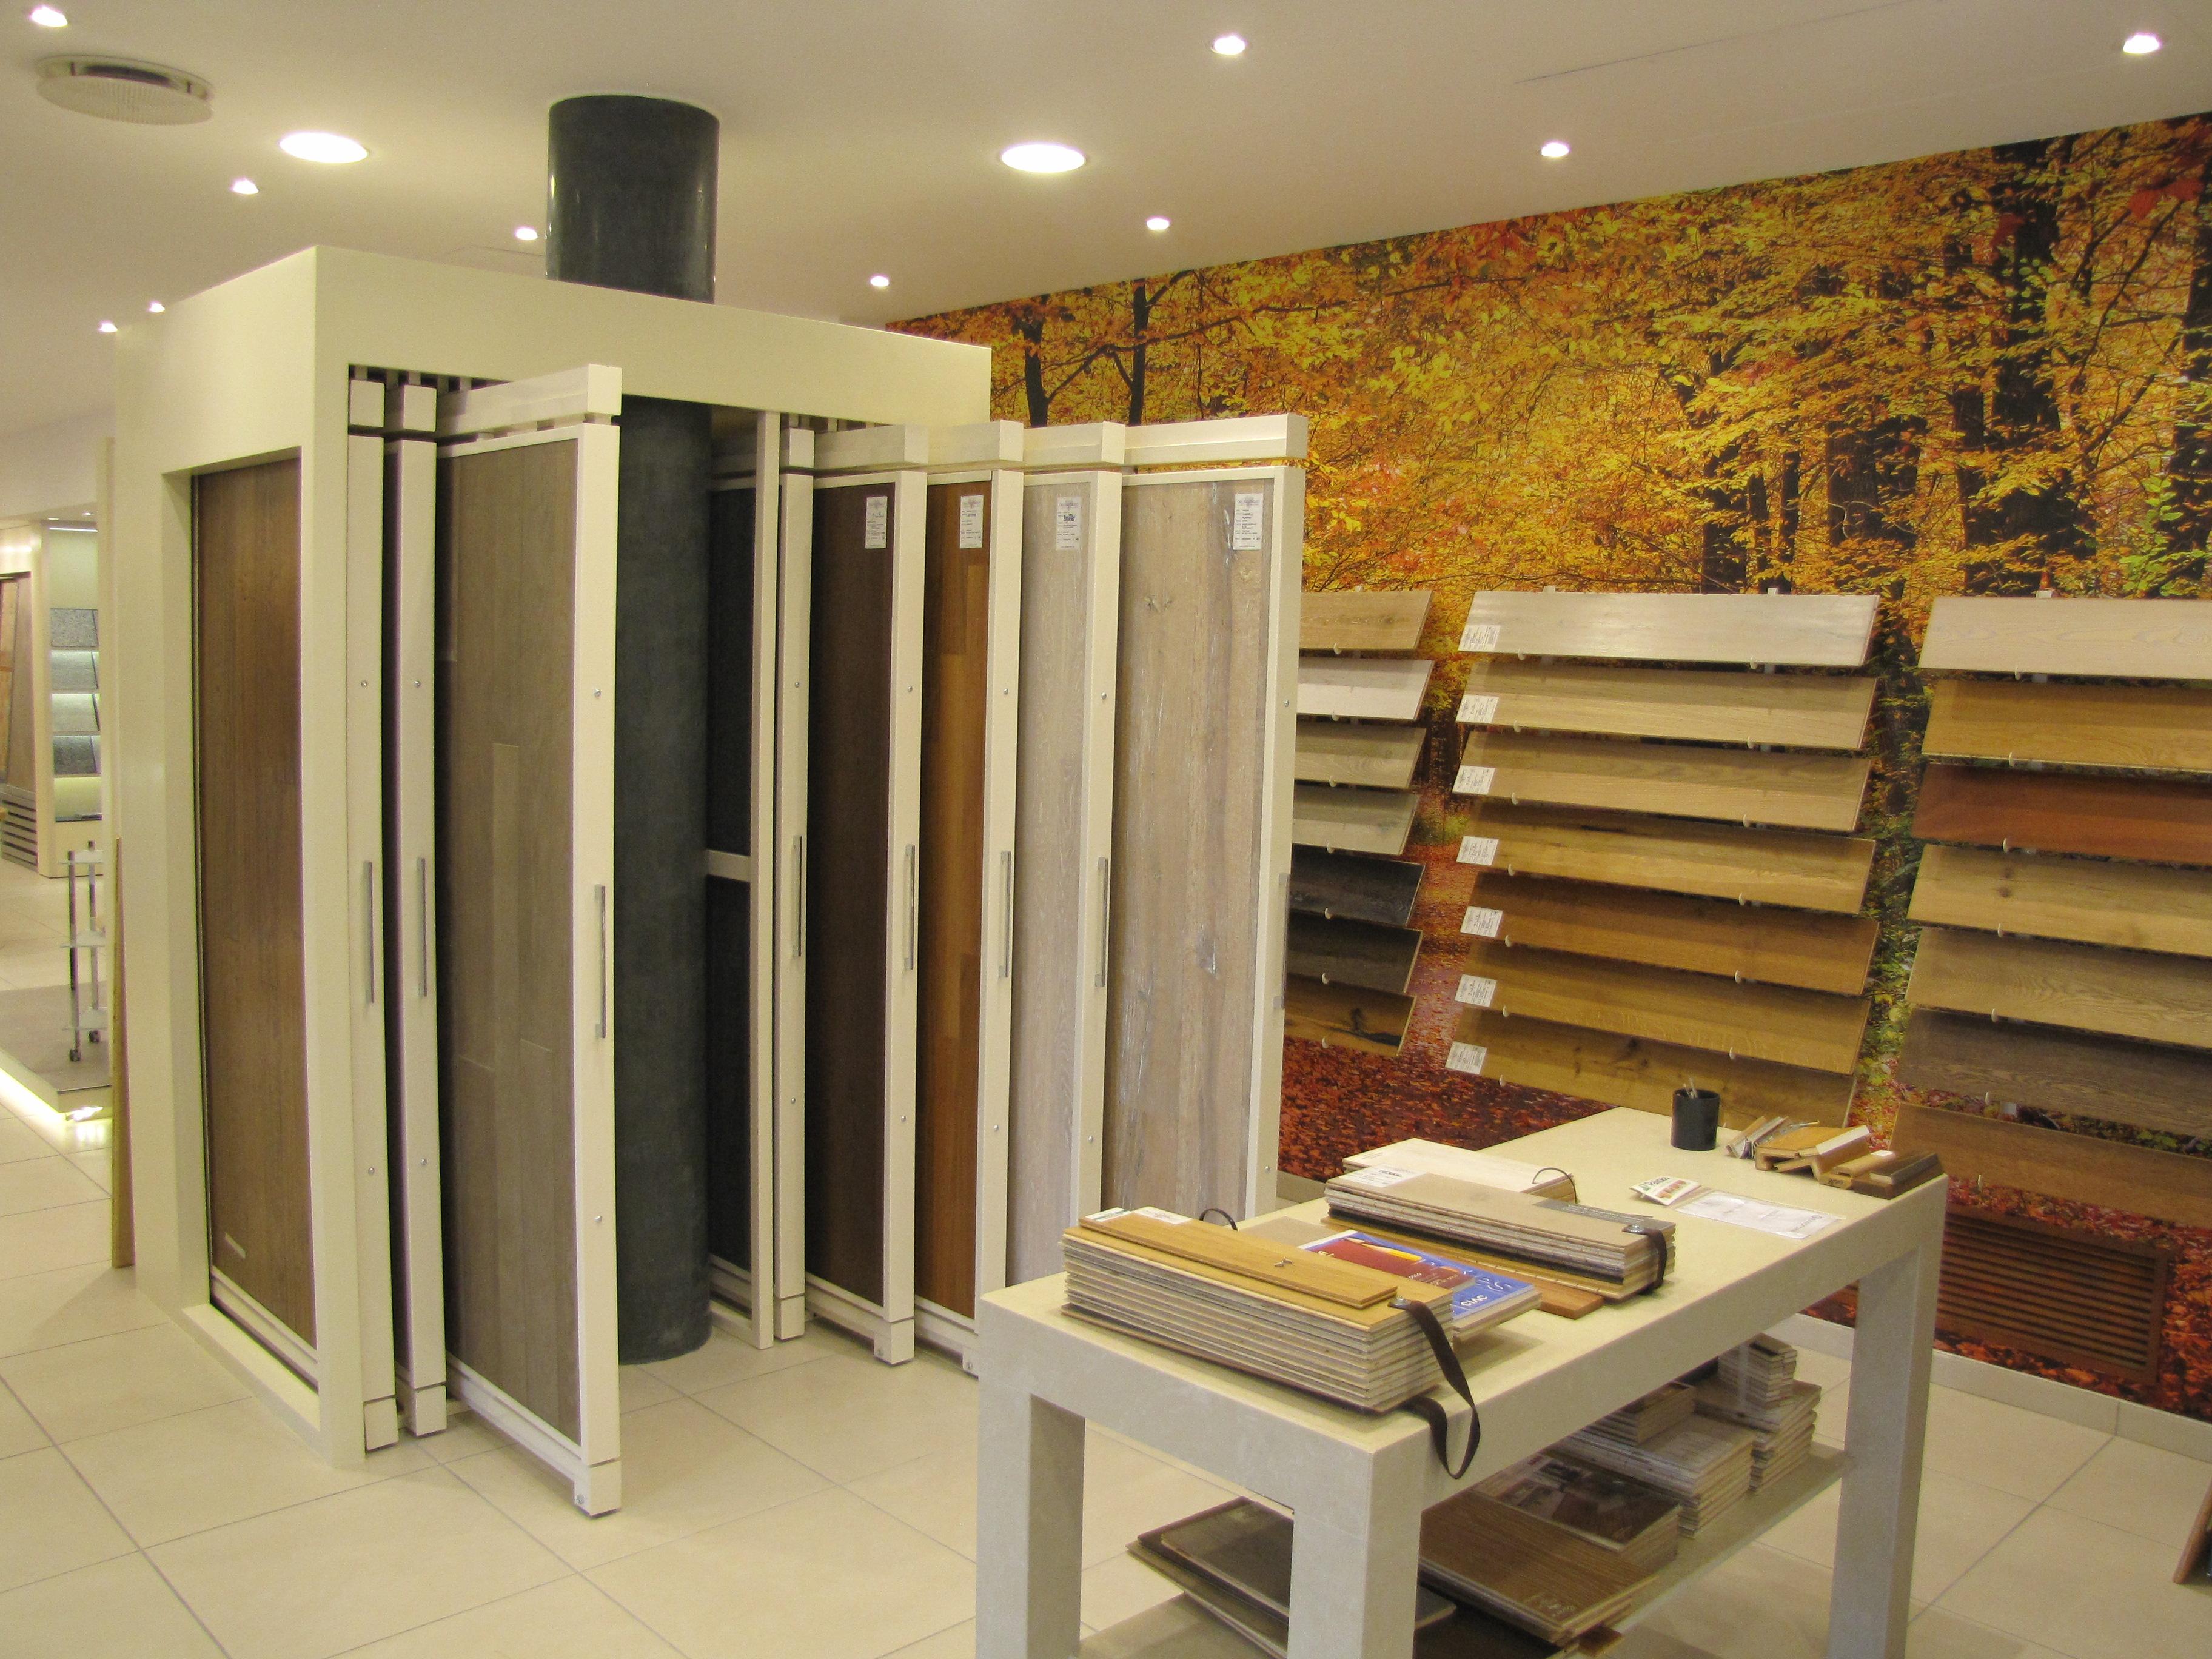 Vendita ceramiche produzione marmi arredi per il bagno for Showroom arredo bagno